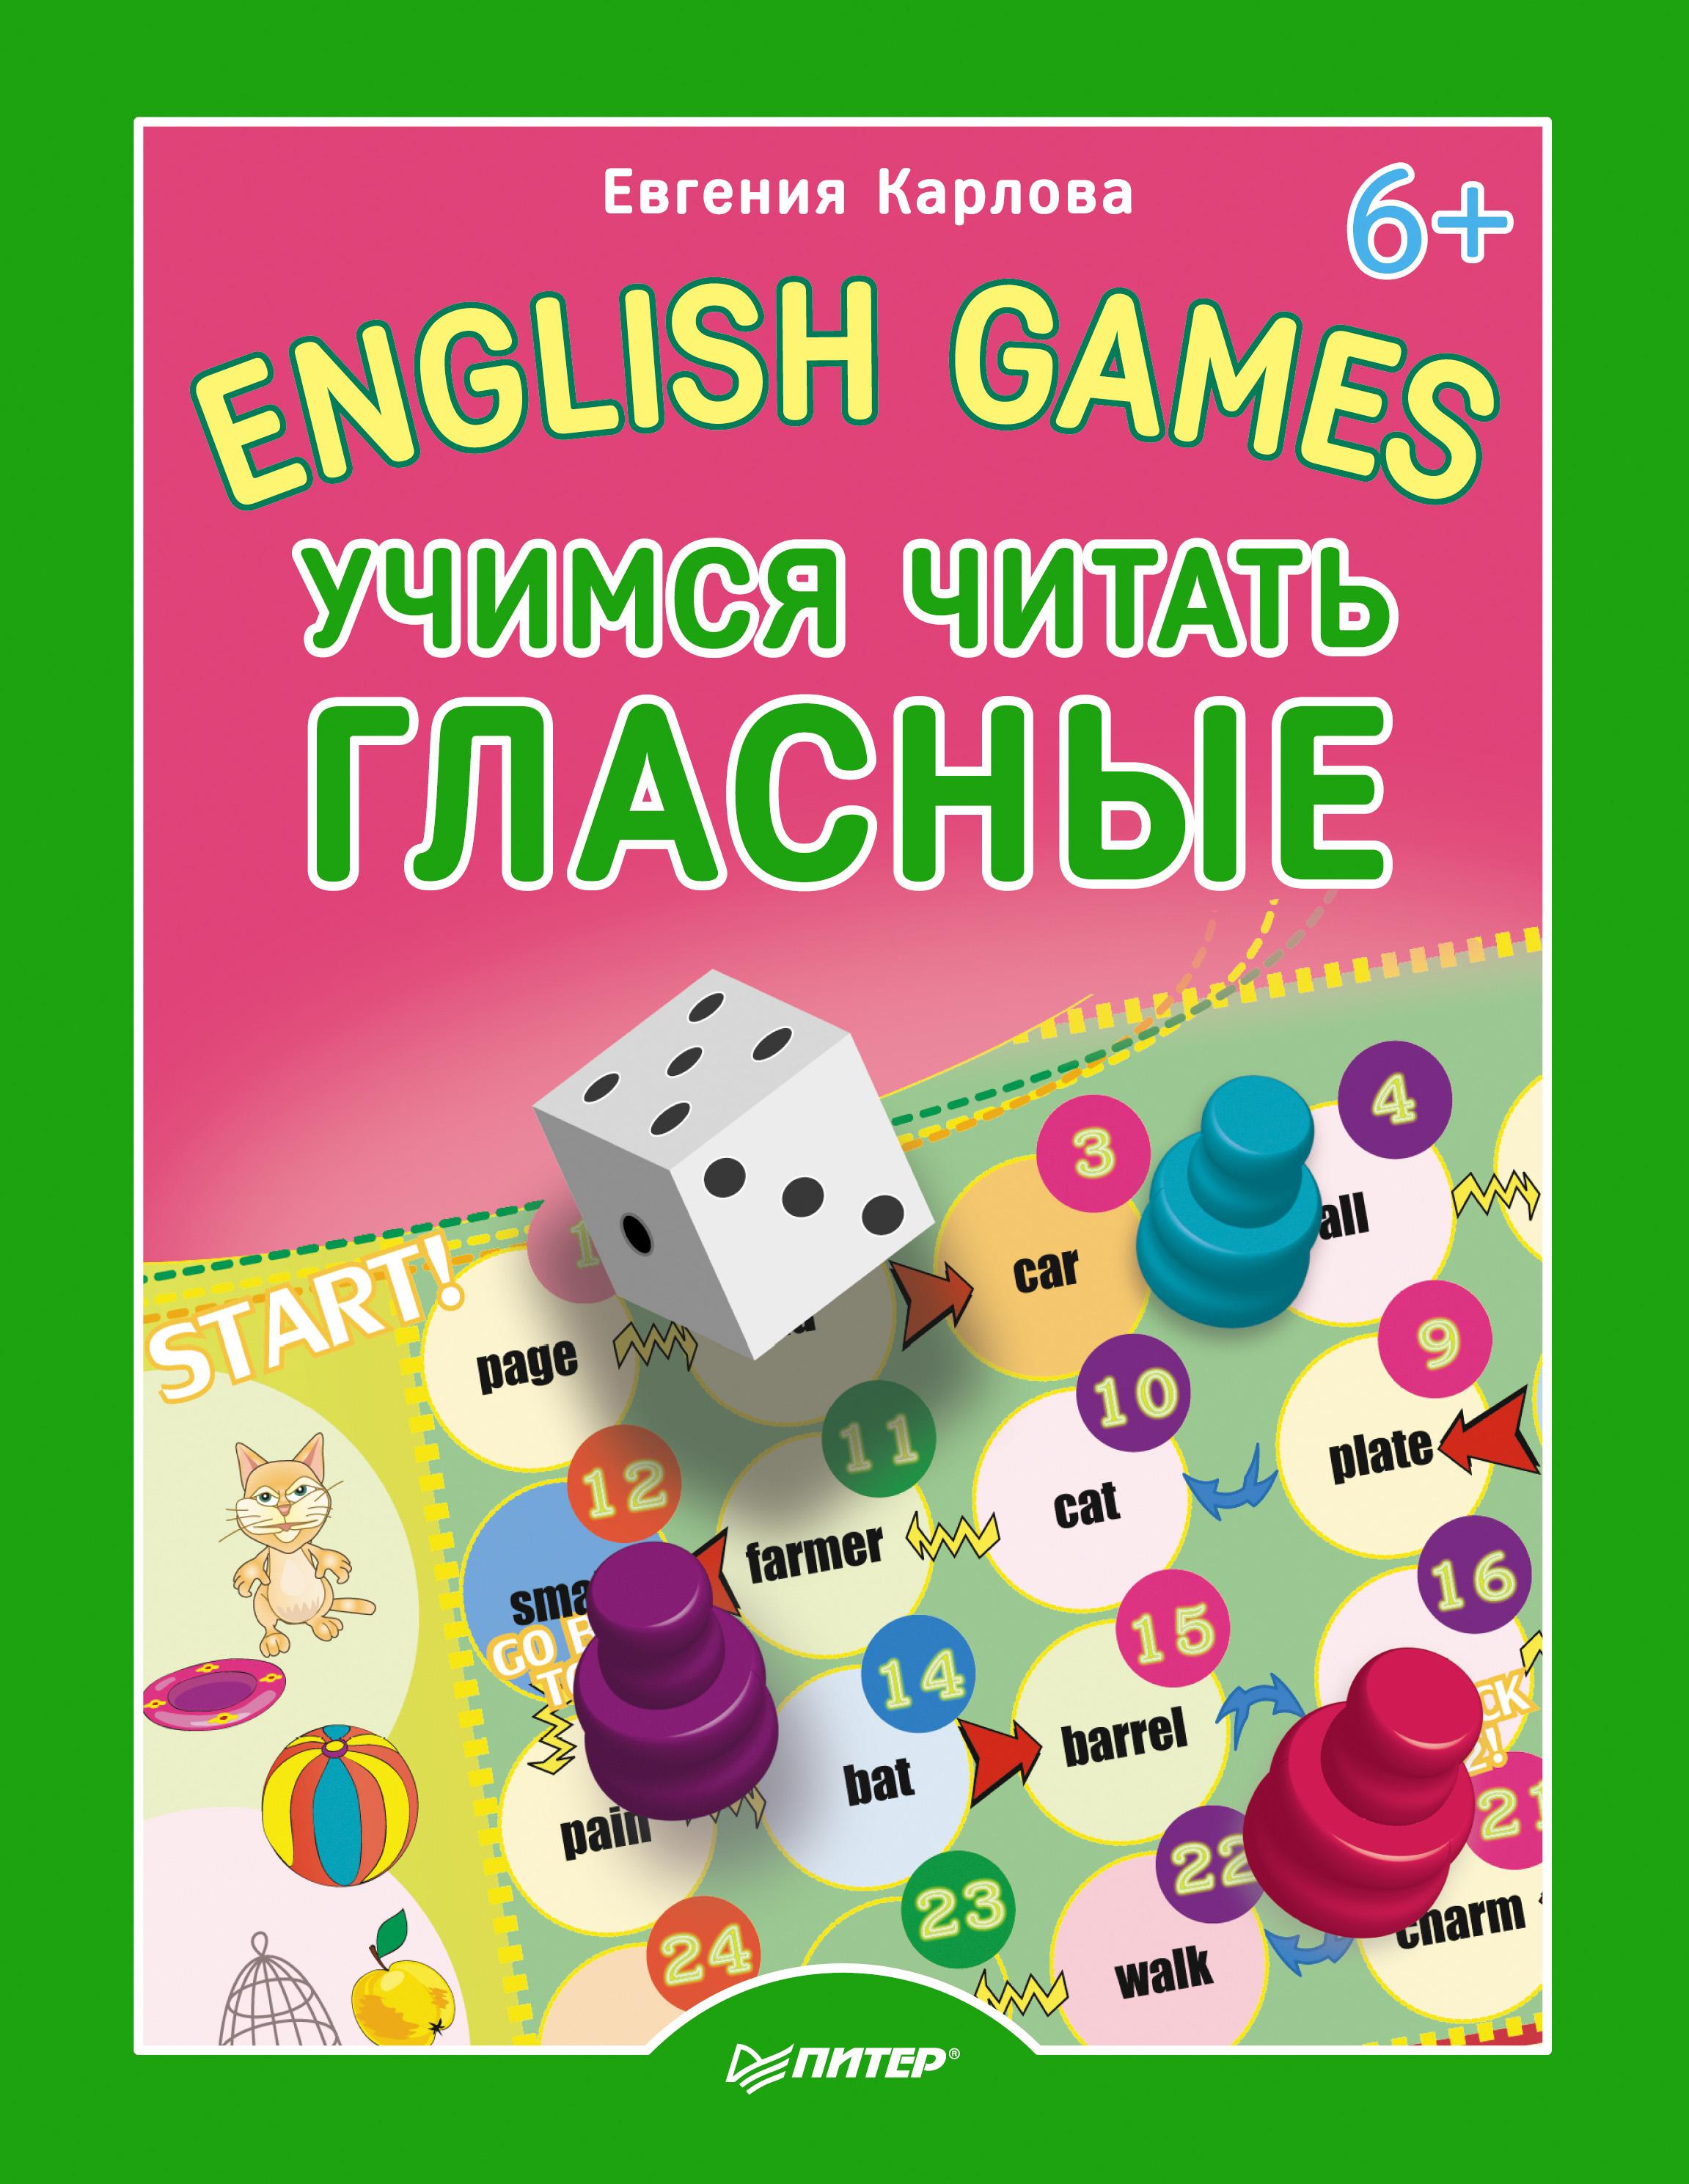 Евгения Карлова English Games. Учимся читать гласные евгения карлова english games учимся читать согласные